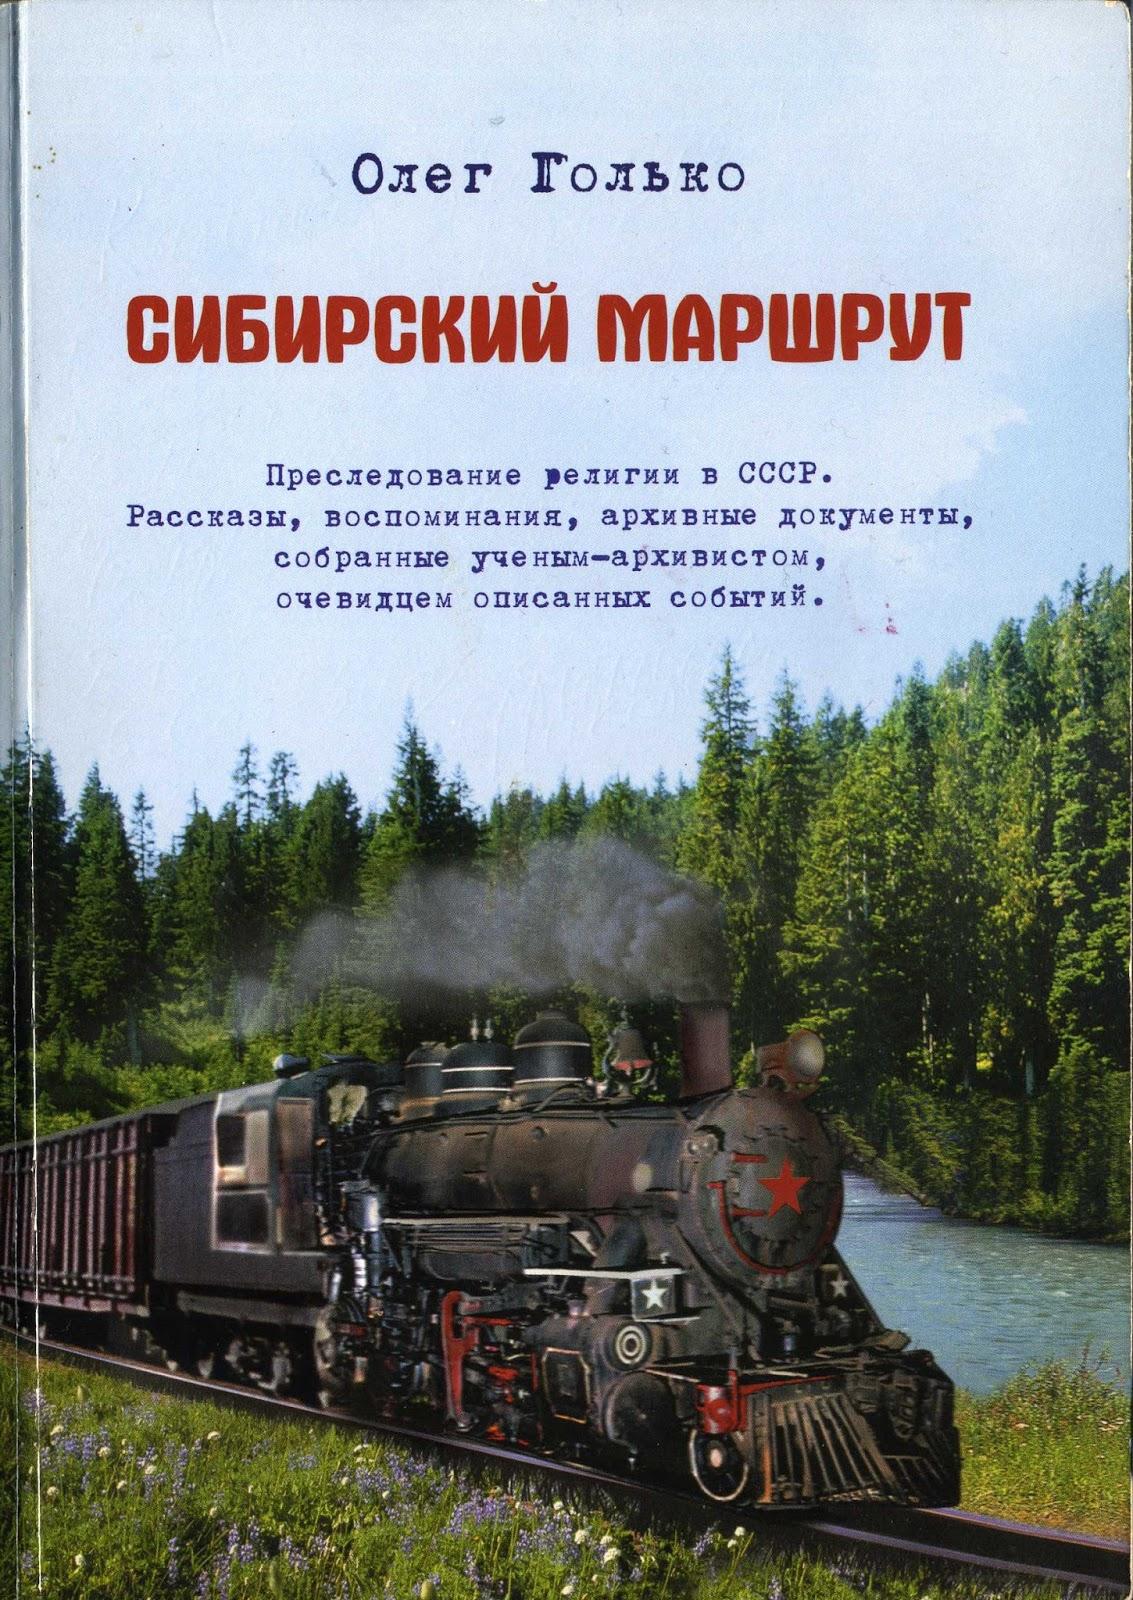 Сибирский маршрут книга скачать голько